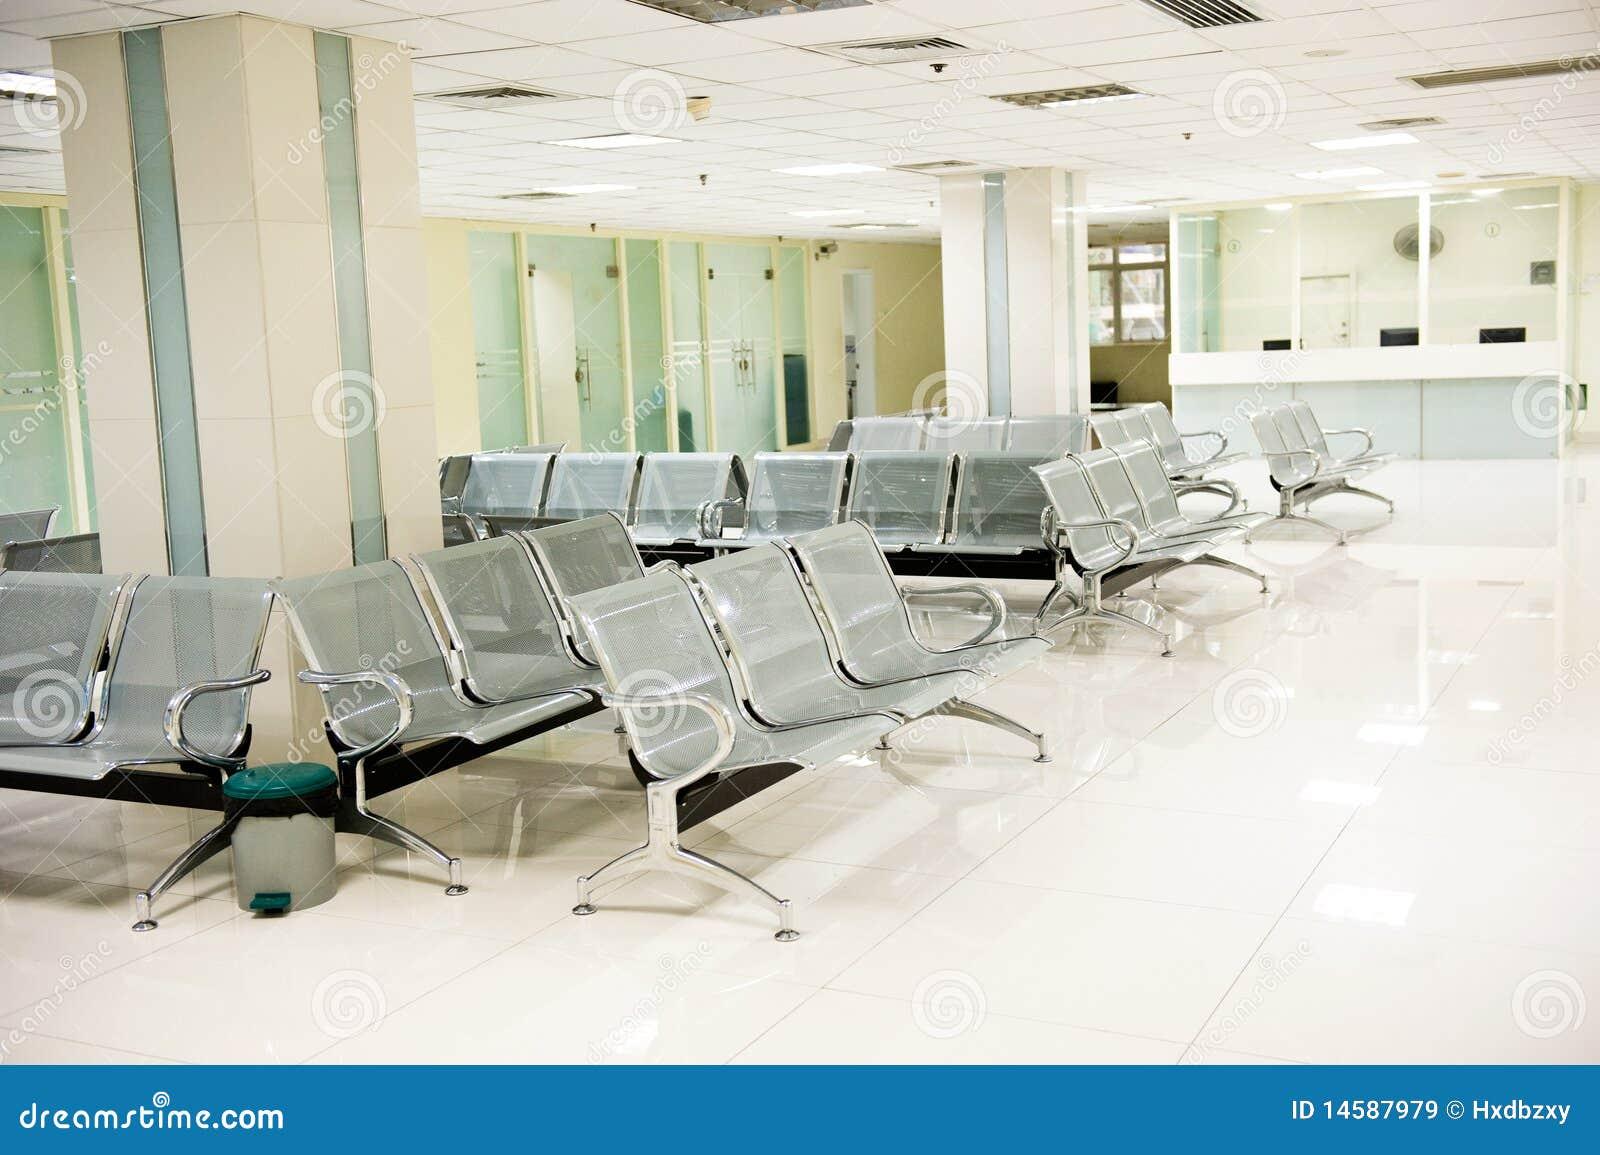 Hospital waiting room stock image Image of decoration